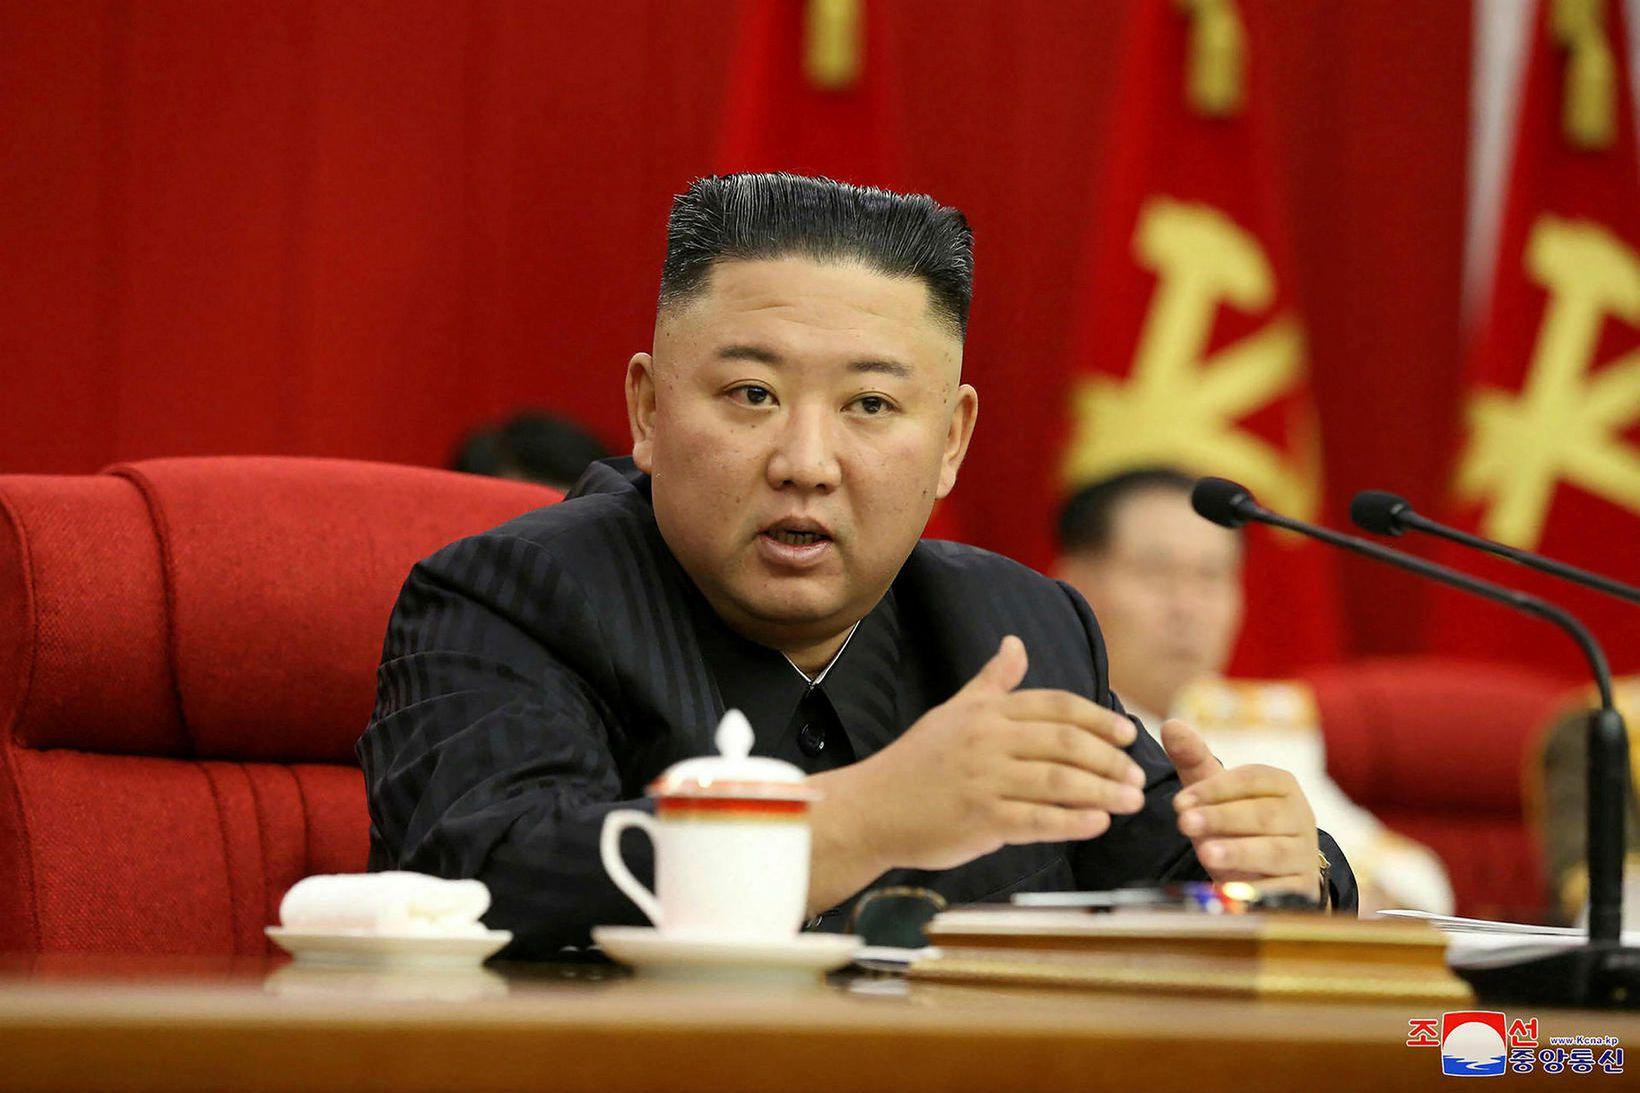 Kim Jong-un á landsfundi Verkamannaflokksins í gær.